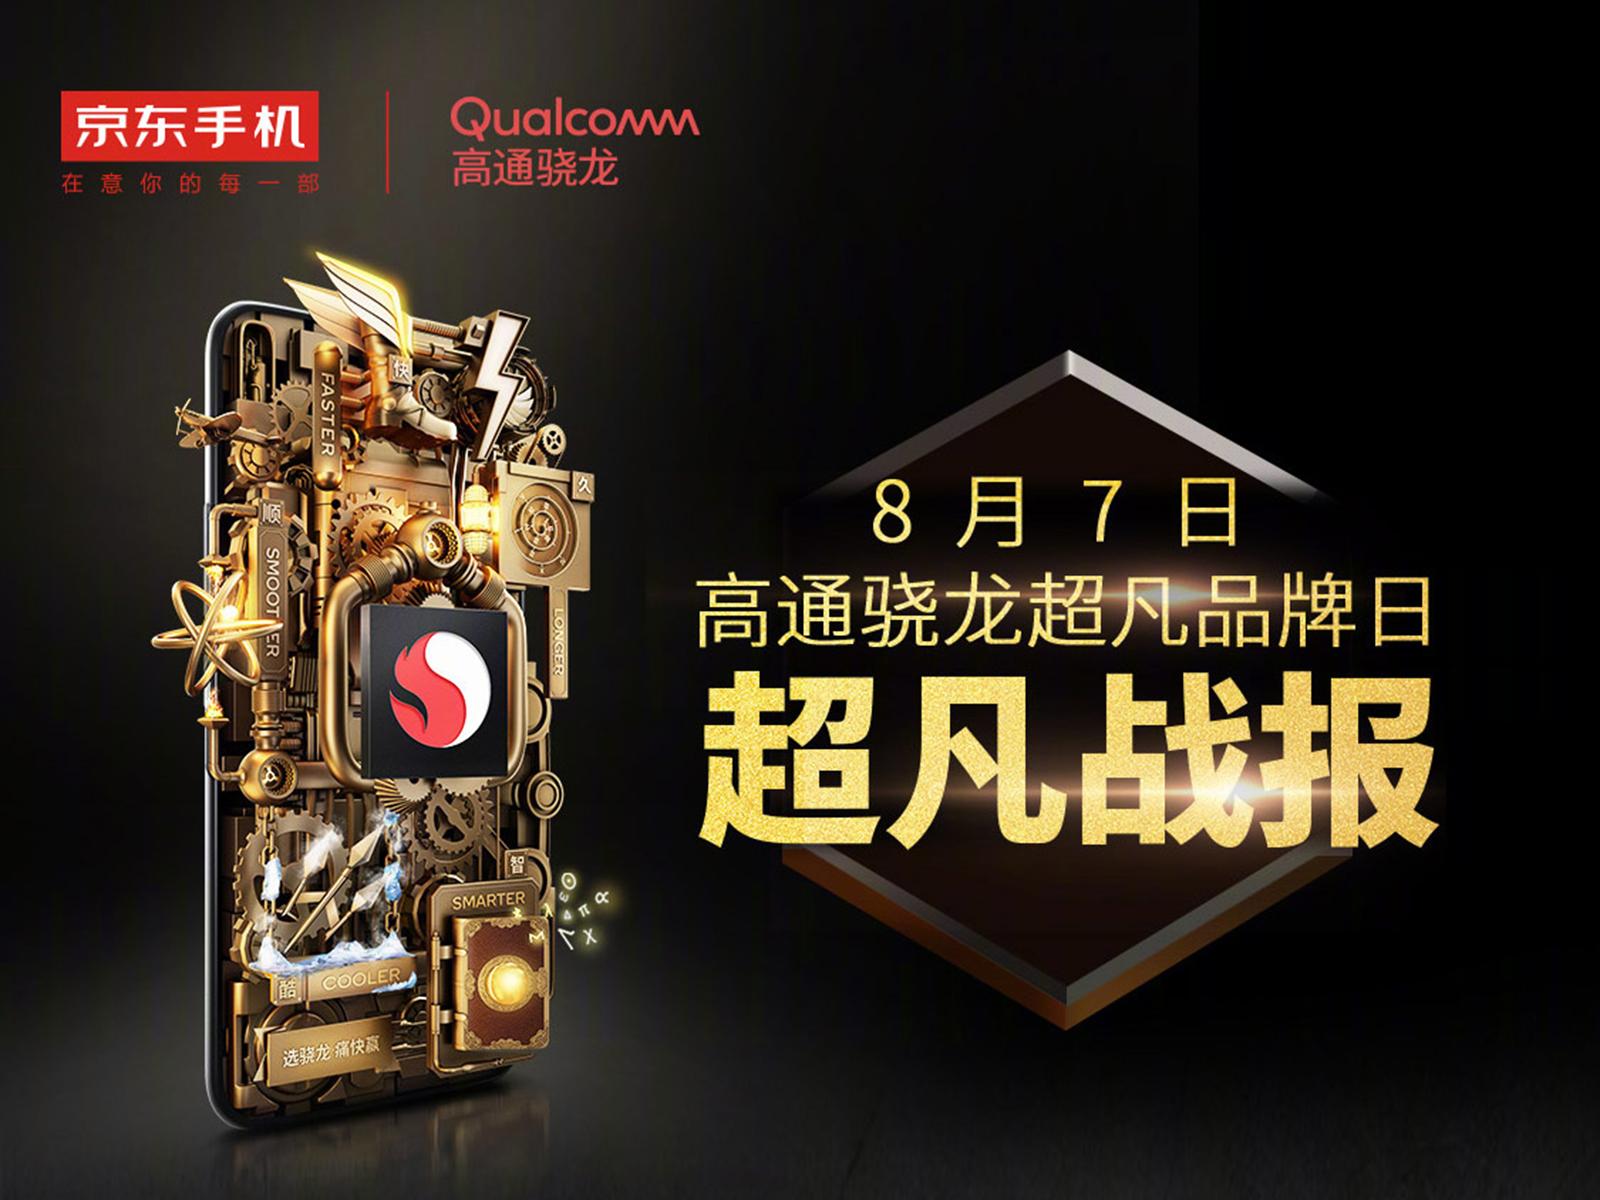 天猫商城高通骁龙品牌日 一加拥有单品出售额冠军 成为3000元价位最受等待手机